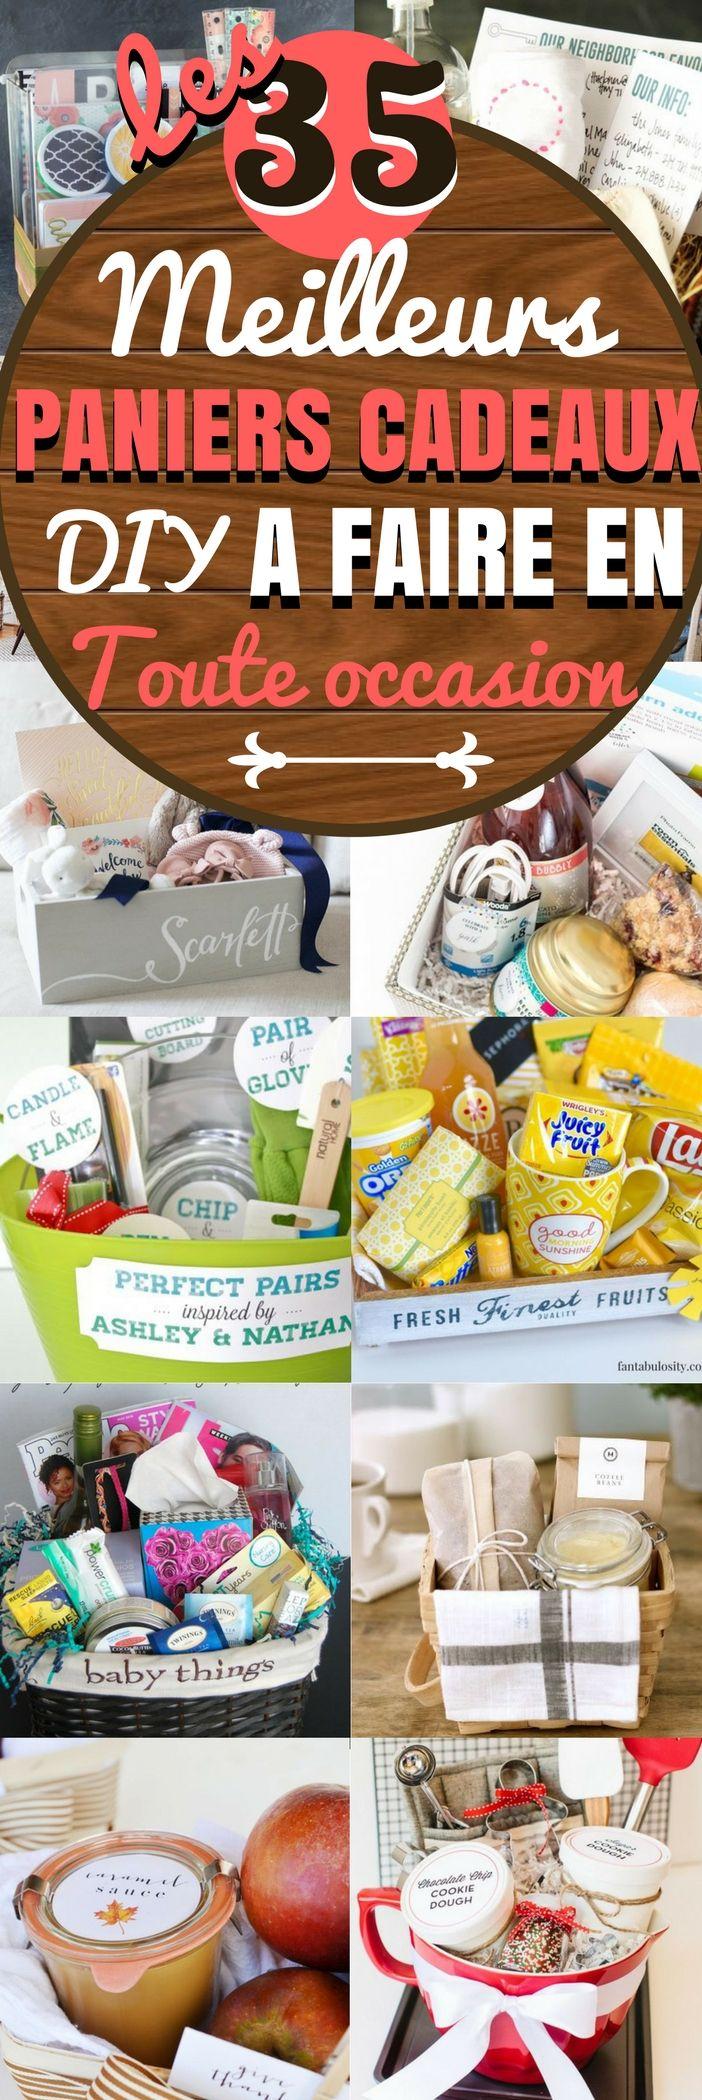 Nous aimons tous les petites choses coquettes qui pimentent un peu la déco de notre intérieur ou nos réceptions. Afin de vous donner envie de libérer votre créativité, nous vous proposons ici 35 idées de paniers cadeaux faits maison (DIY) à porter de toutes les bourses. Vous trouverez des paniers-cadeaux-de-bricolage, des paniers-cadeaux-pour-bébé, des paniers-cadeaux de vacances...#diy #idées #cadeaux #ideedeco #conseils